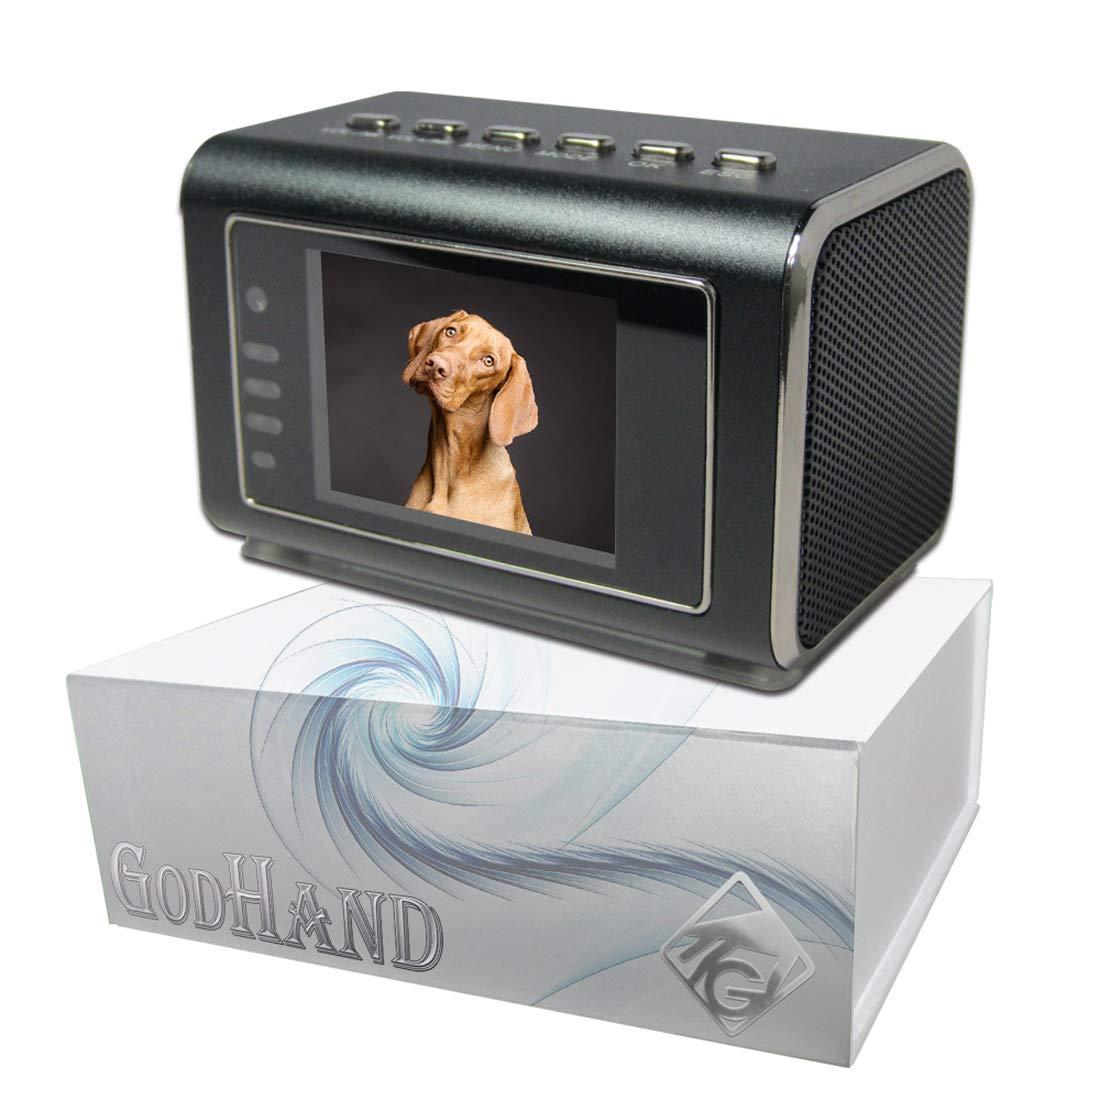 数量限定セール  【GOD HAND【GOD】高性能スピーカー搭載 置時計型ビデオカメラ(製品ディスプレイ上で再生&削除可能!!) 長時間録画 長時間録画 最長5日以上保存可能(ロングモード時)、連続録画、録音、動体検知、暗視(IR LED)、上書き、時計、MP3再生、通電利用、高容量バッテリー1000mAh搭載 ブラック【KANTO-SEIKO 正規保証書付き】 B01BTTCW74, カミタカラムラ:e27d32e8 --- a0267596.xsph.ru